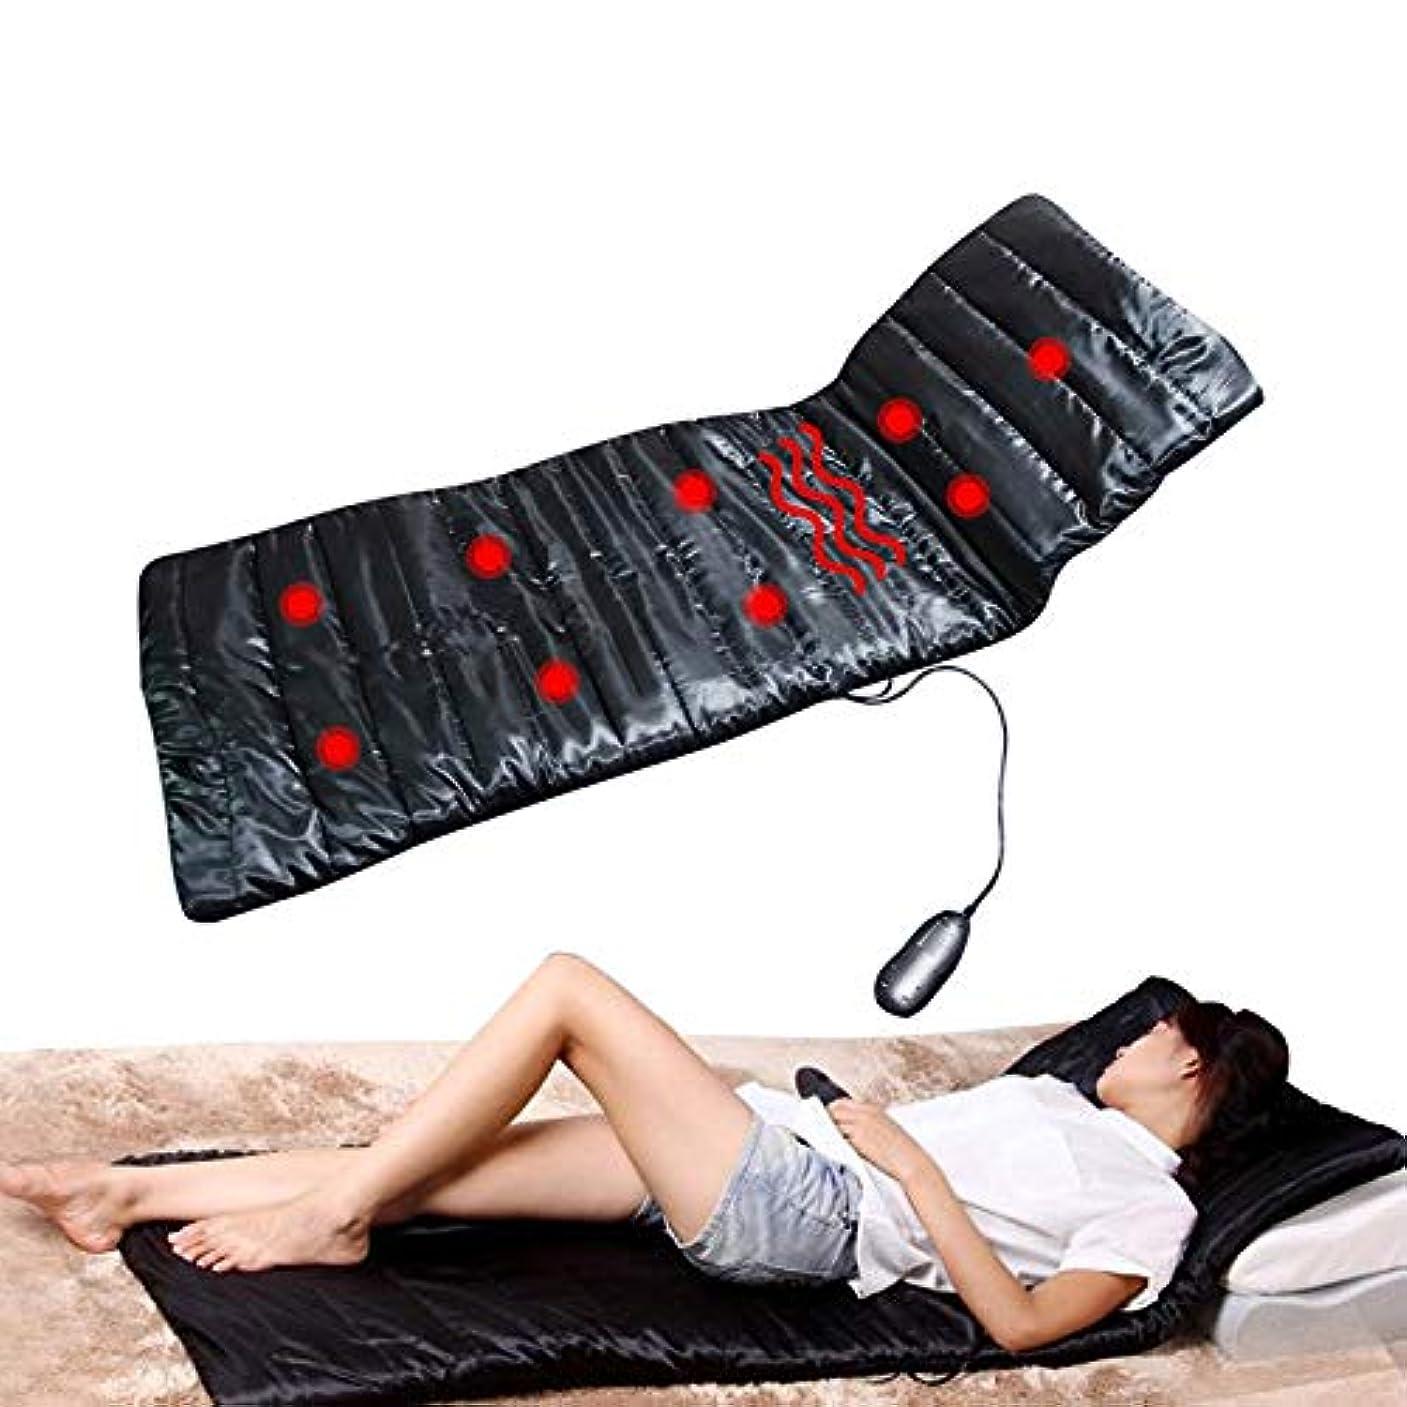 学ぶ放置交換マッサージマットレス暖房振動マッサージスナイパー羽ばたき体の痛みボディマッサージネックバックウエストレッグマッサージ